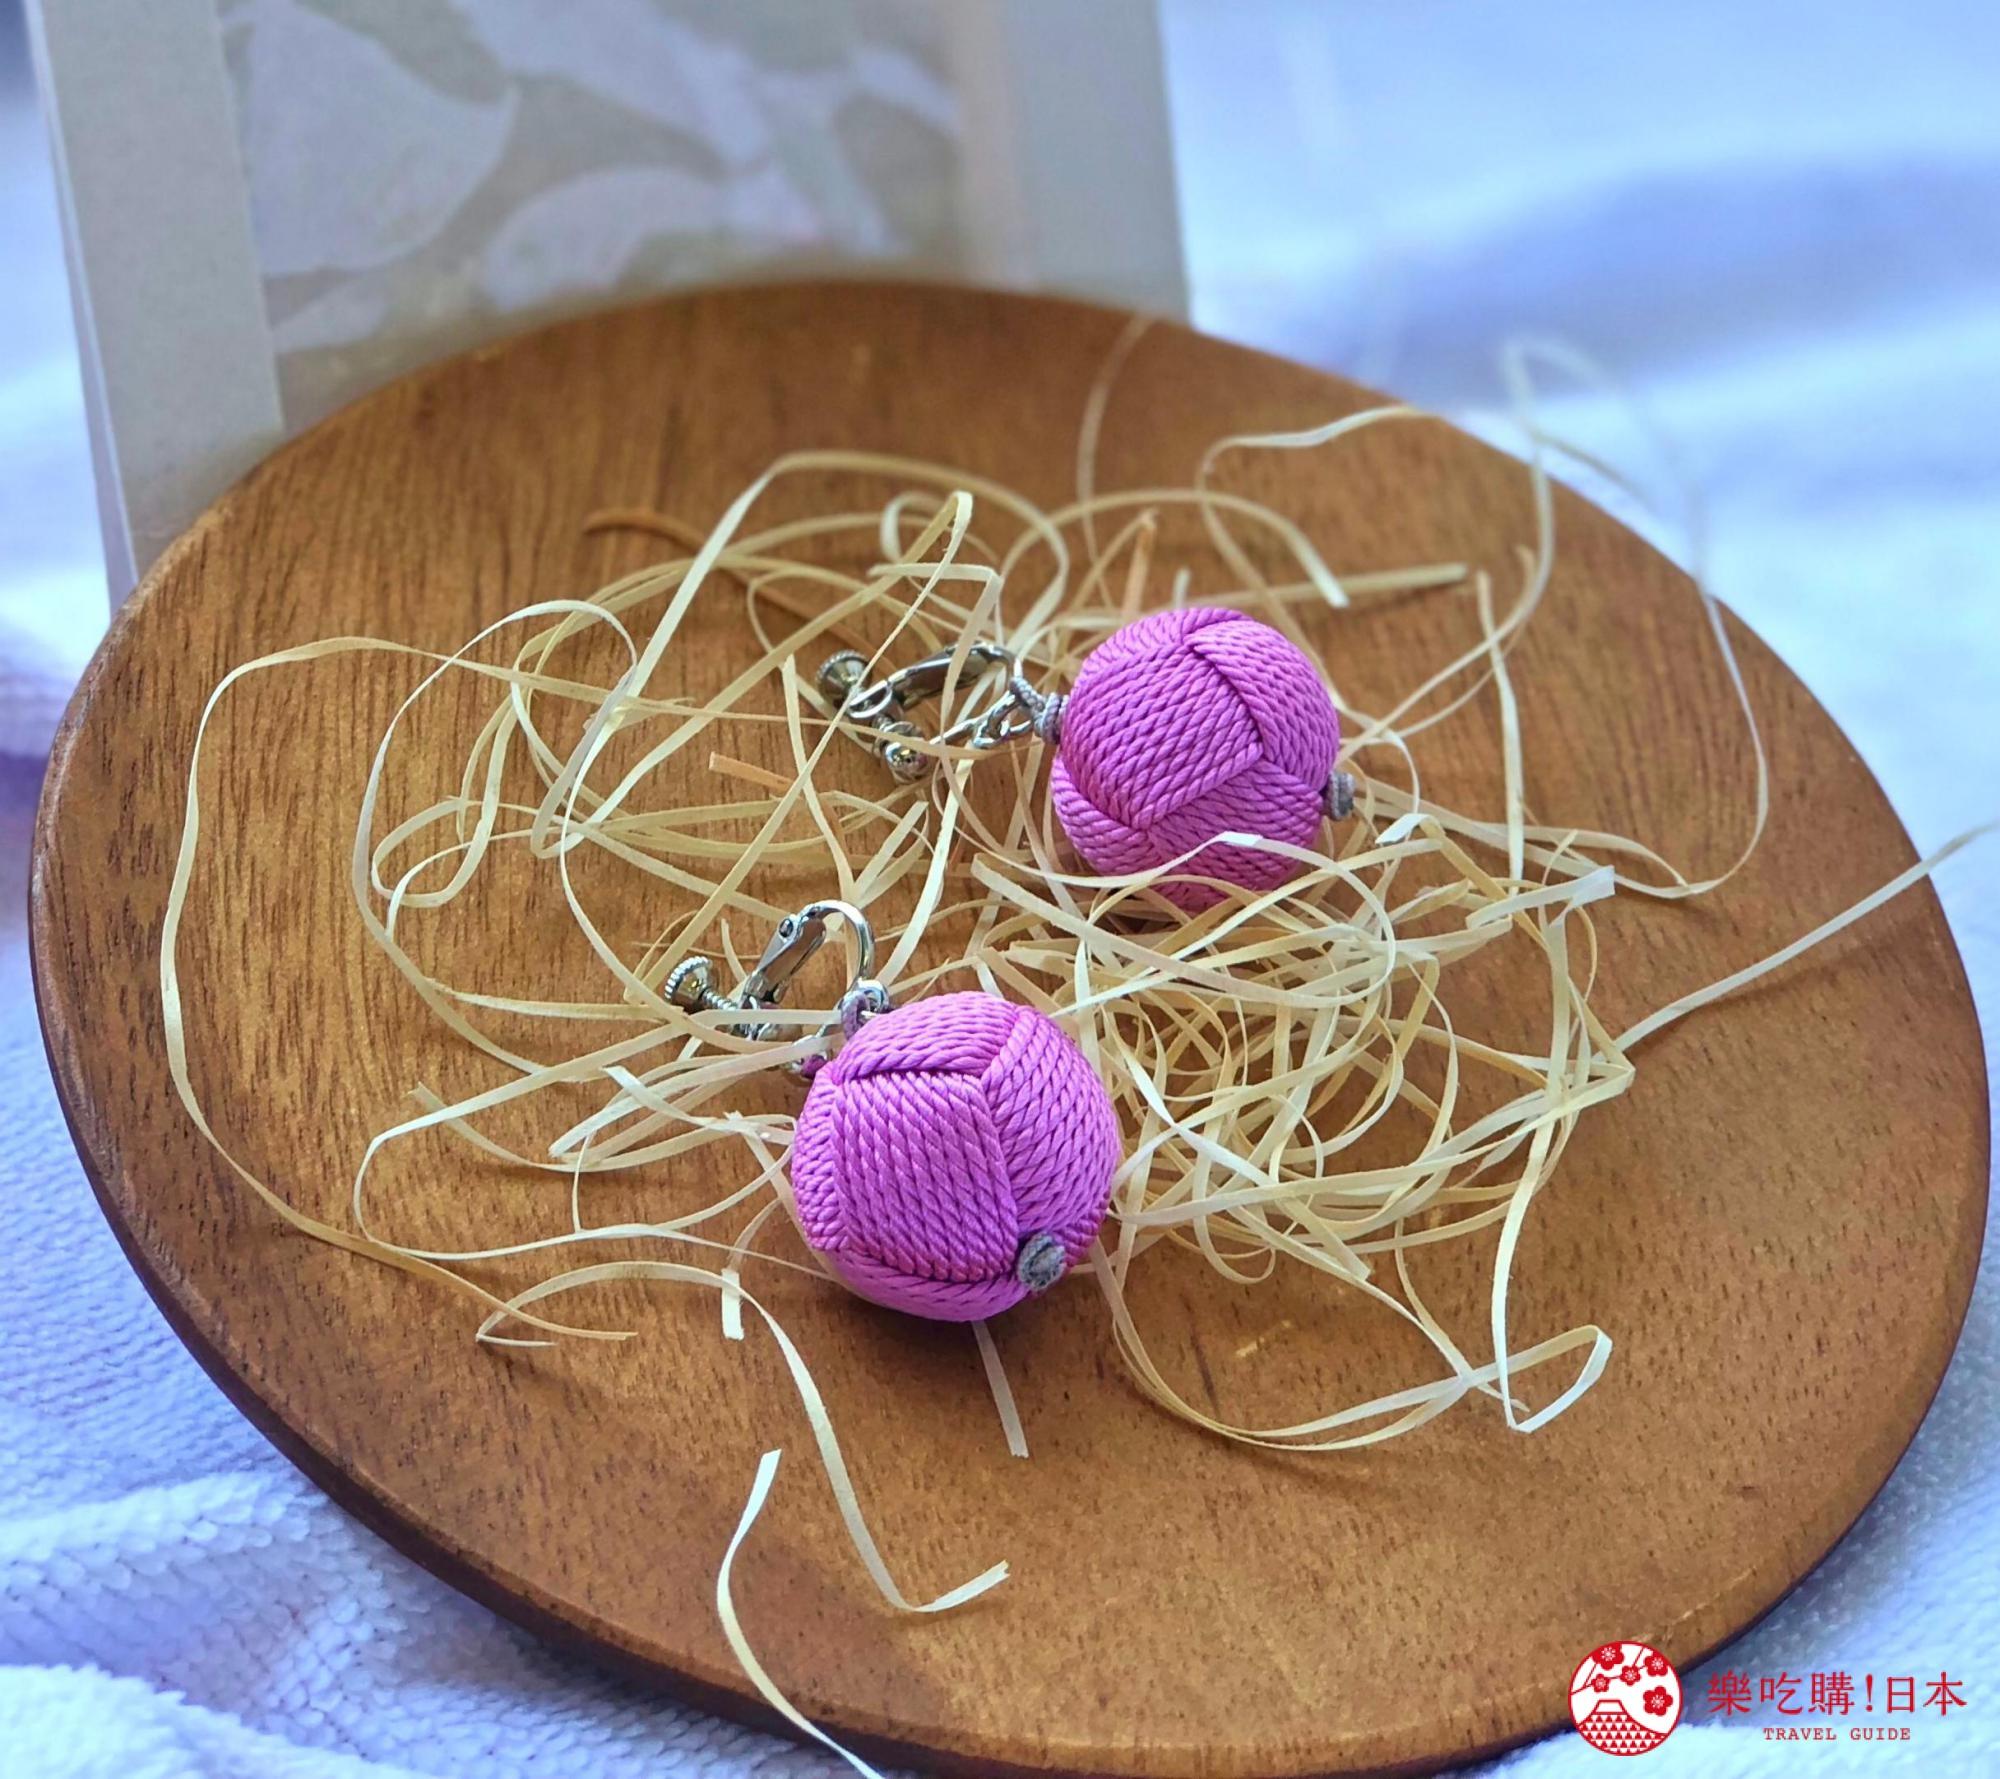 日本樂桃人氣原創設計商品的組紐編繩夾式耳環大球款近照